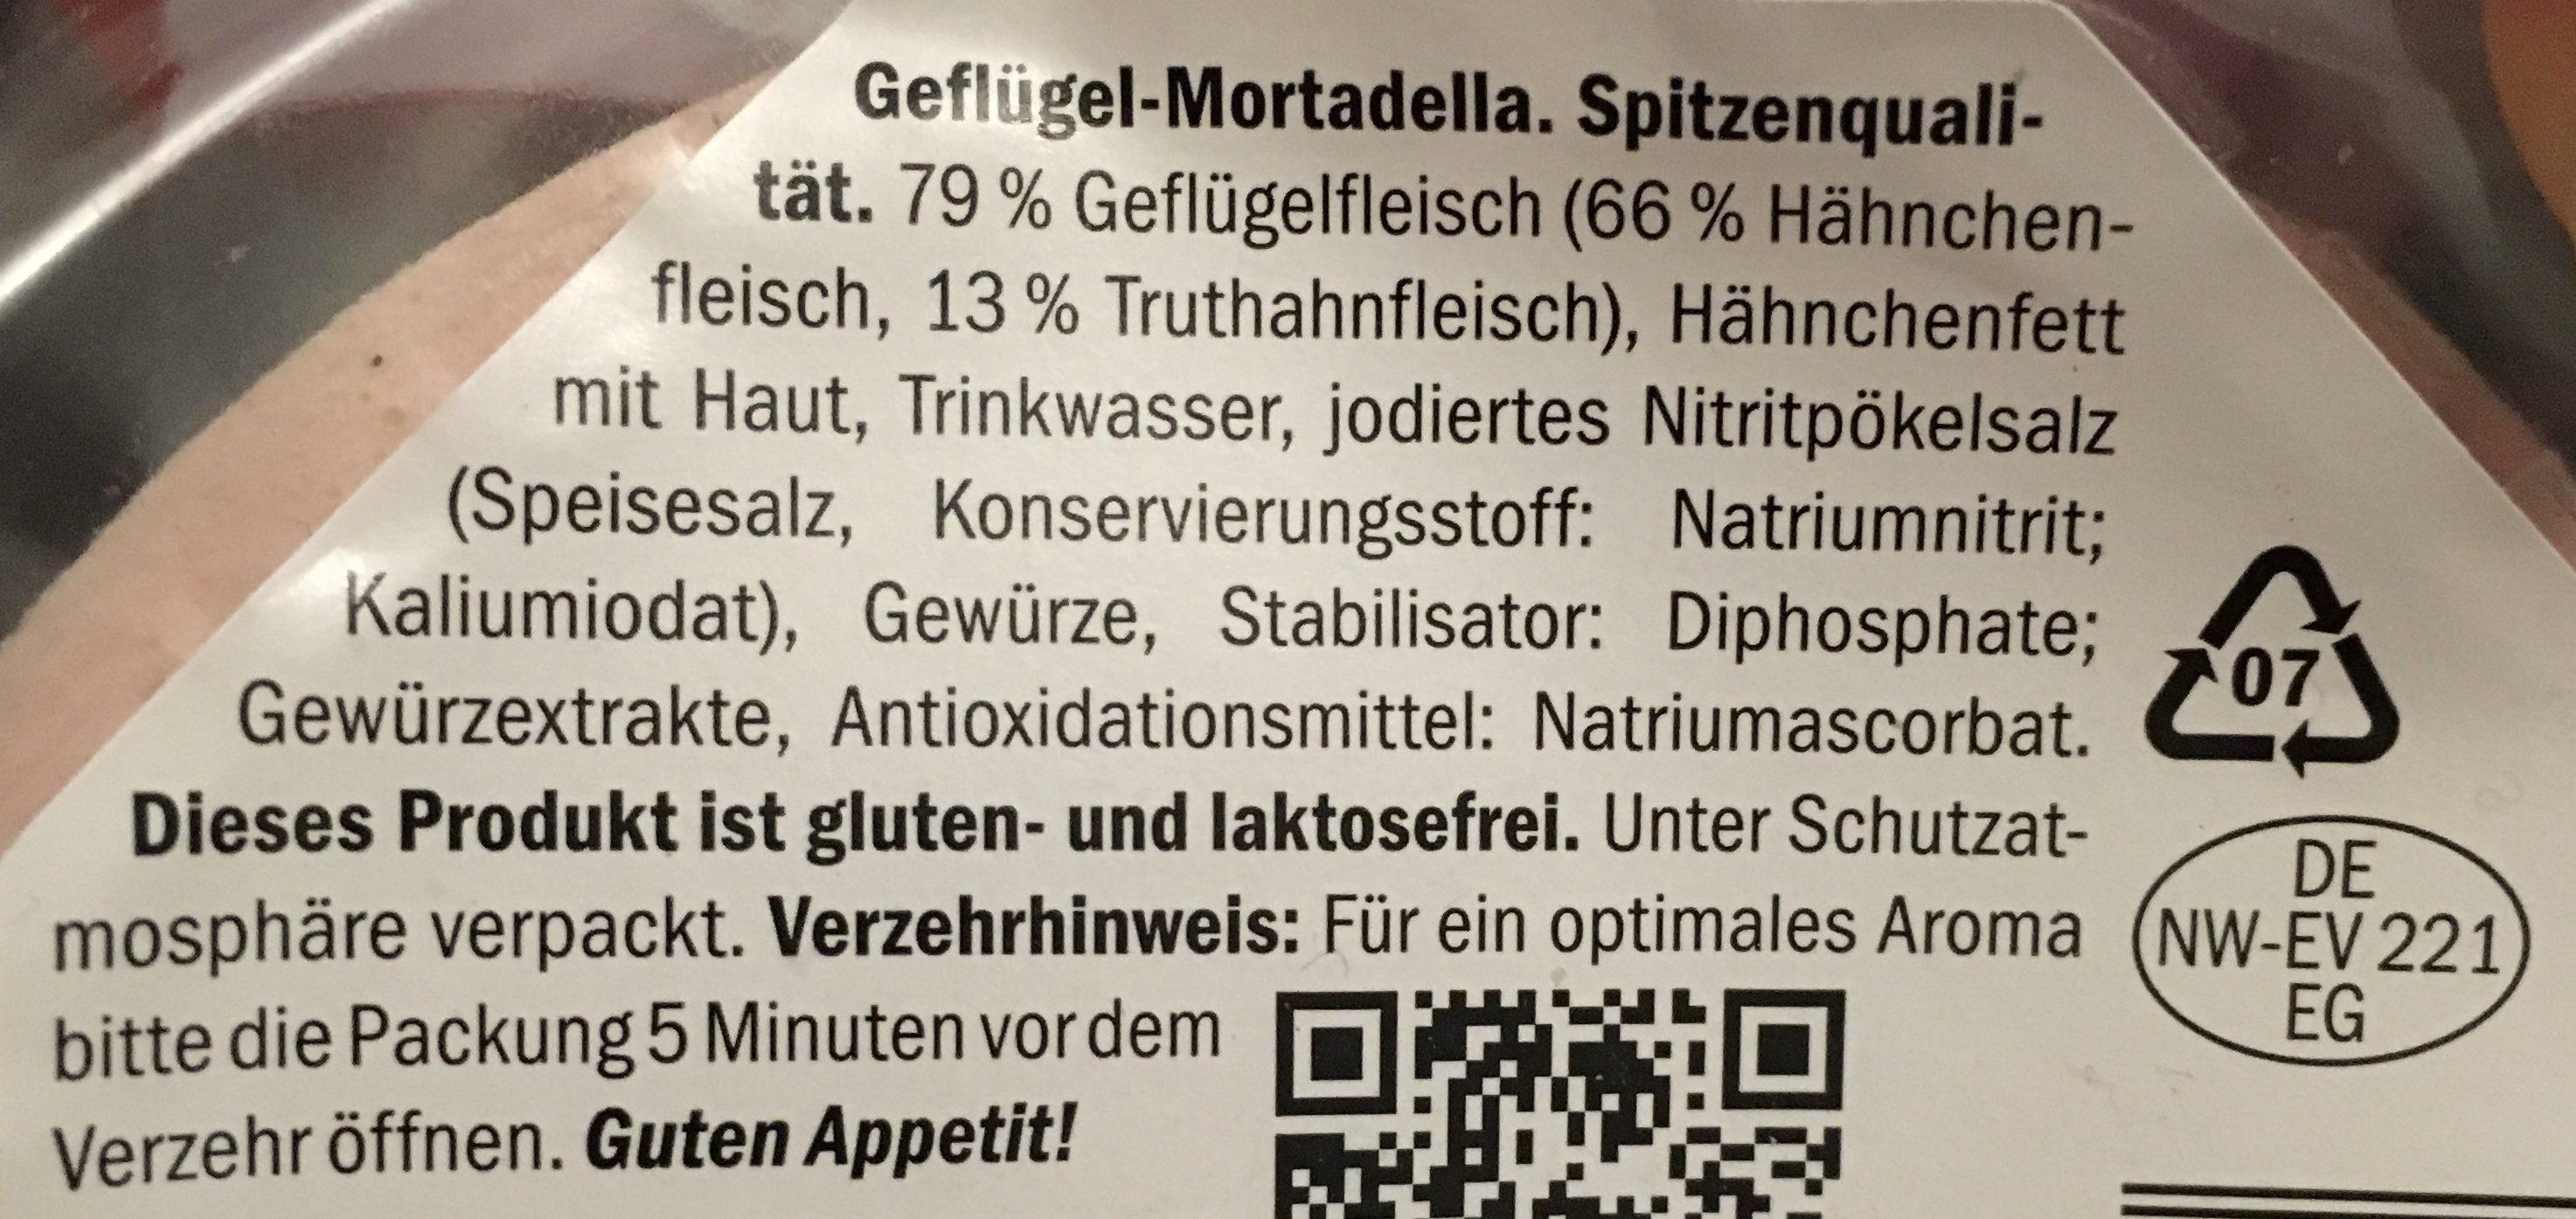 Geflügel-Mortadella - Zutaten